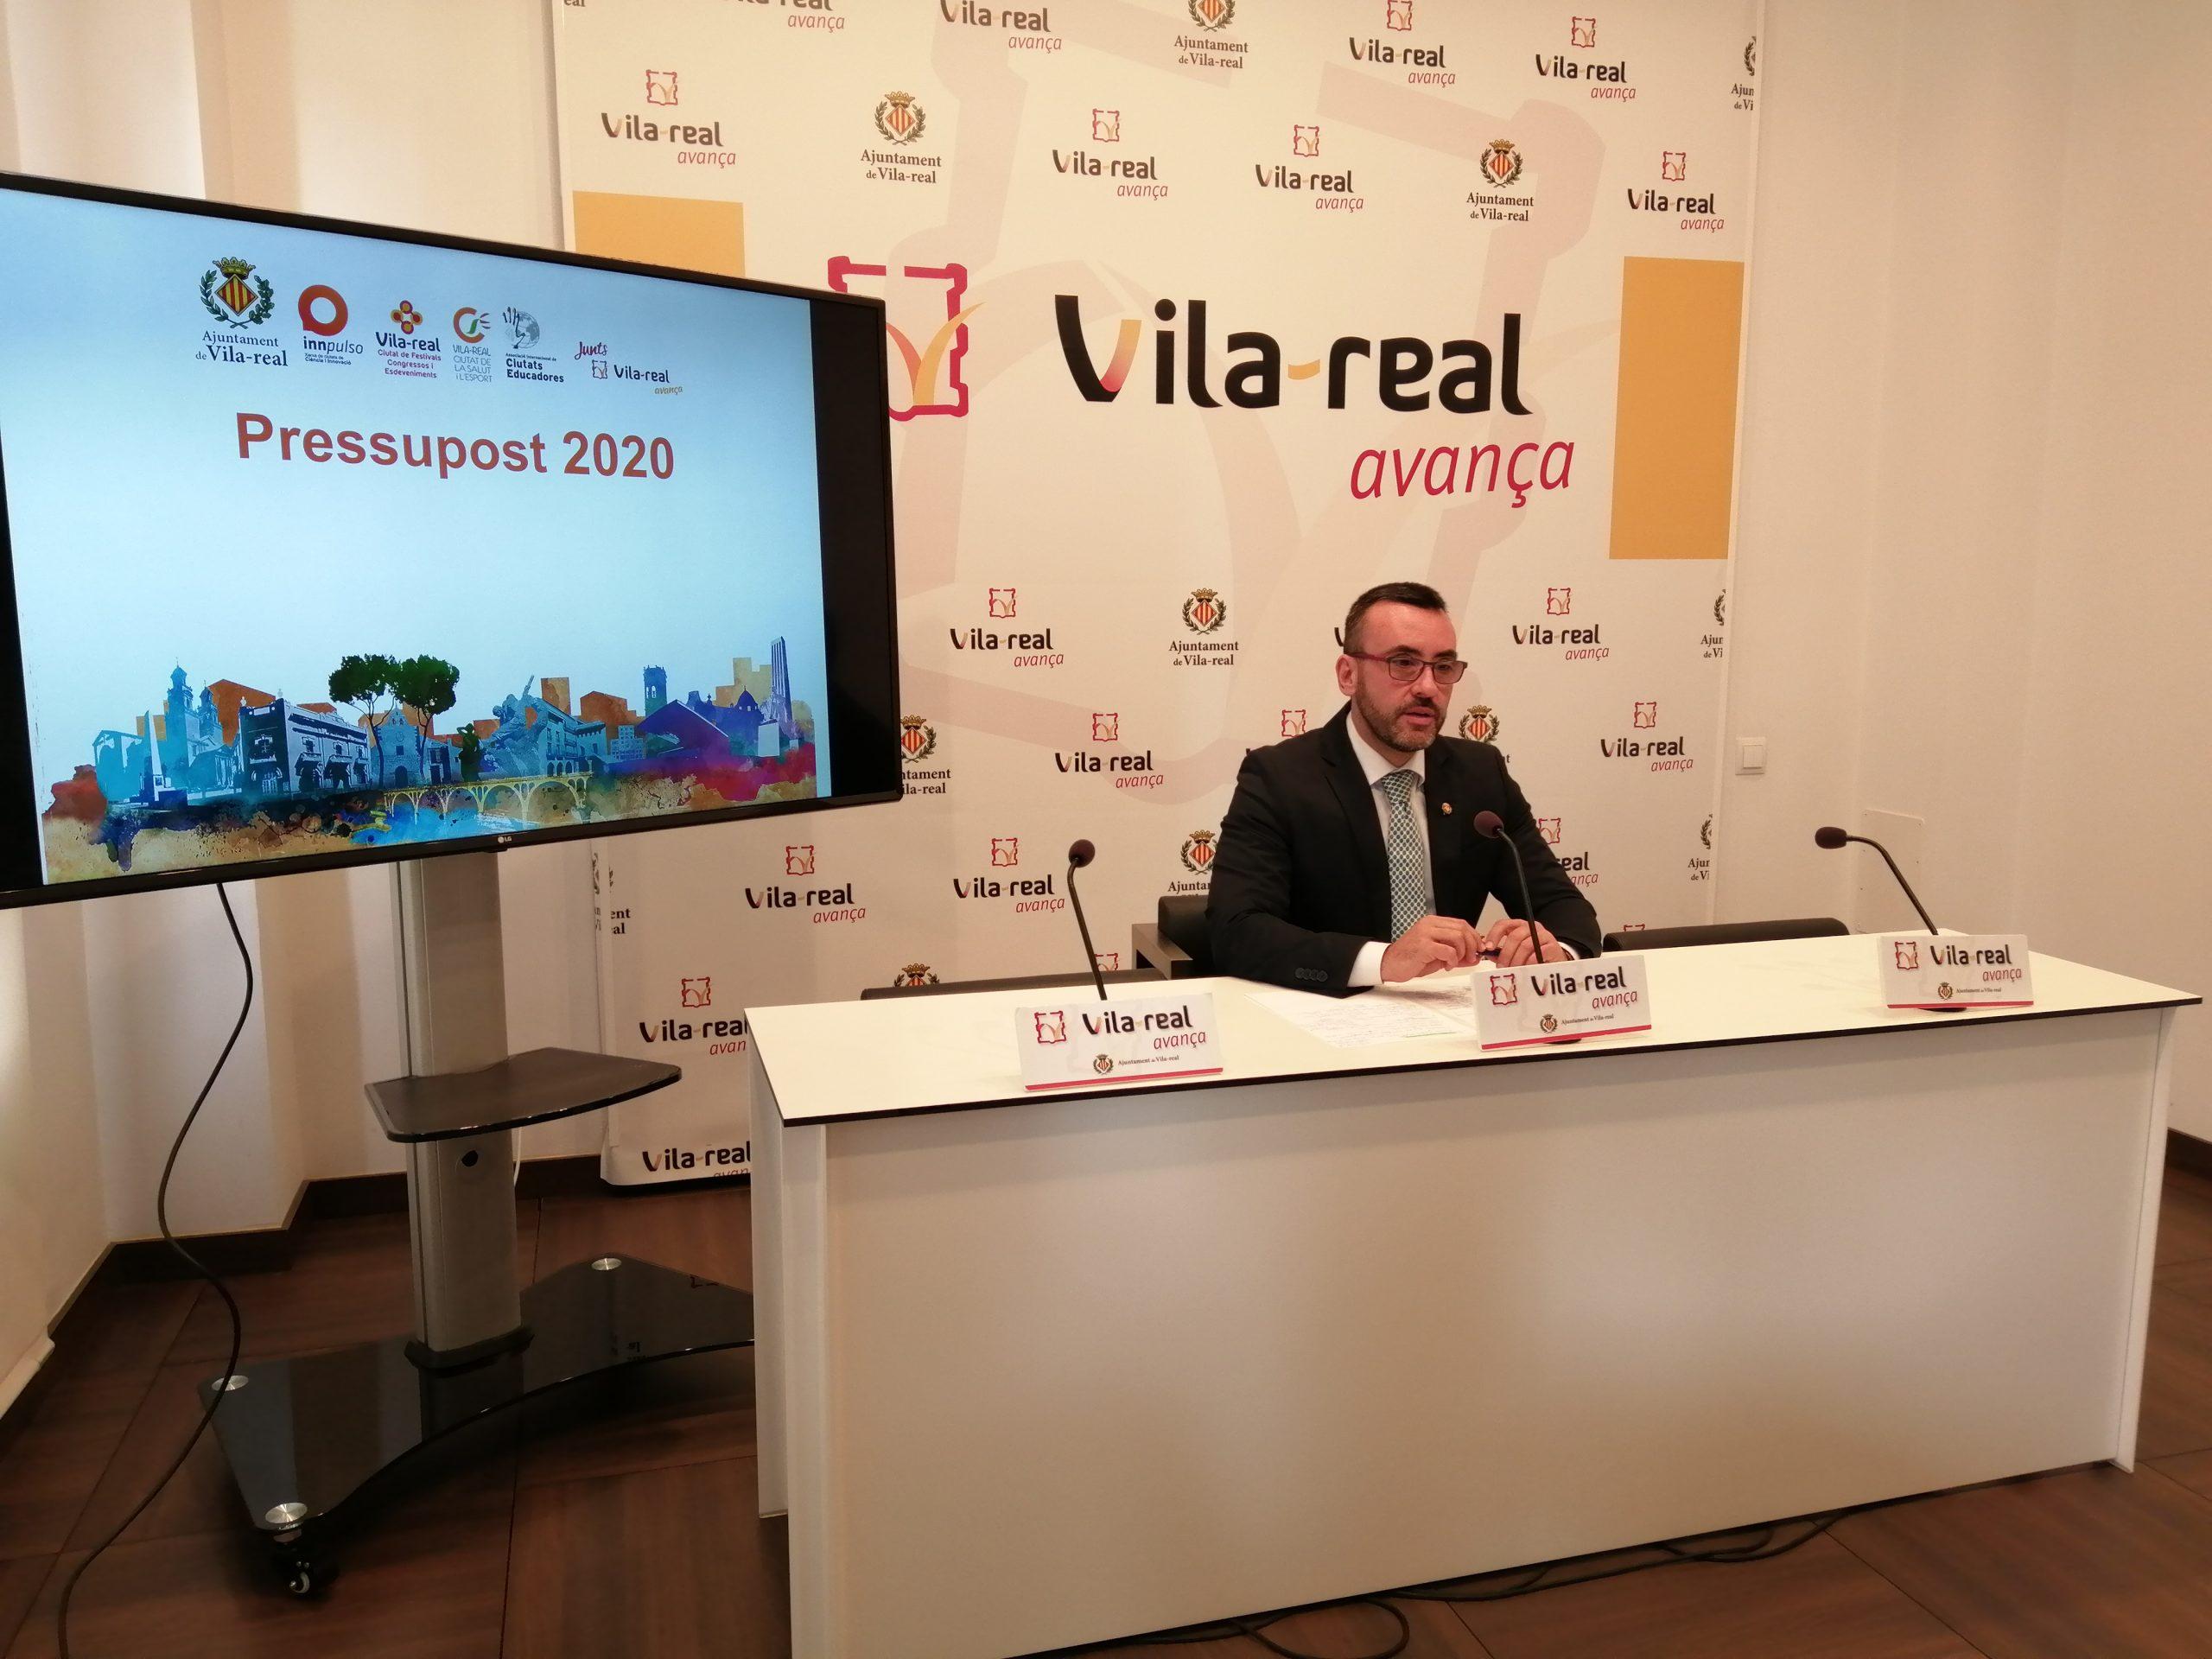 Vila-real tendrá un presupuesto cercano a los 48 millones de euros en 2020